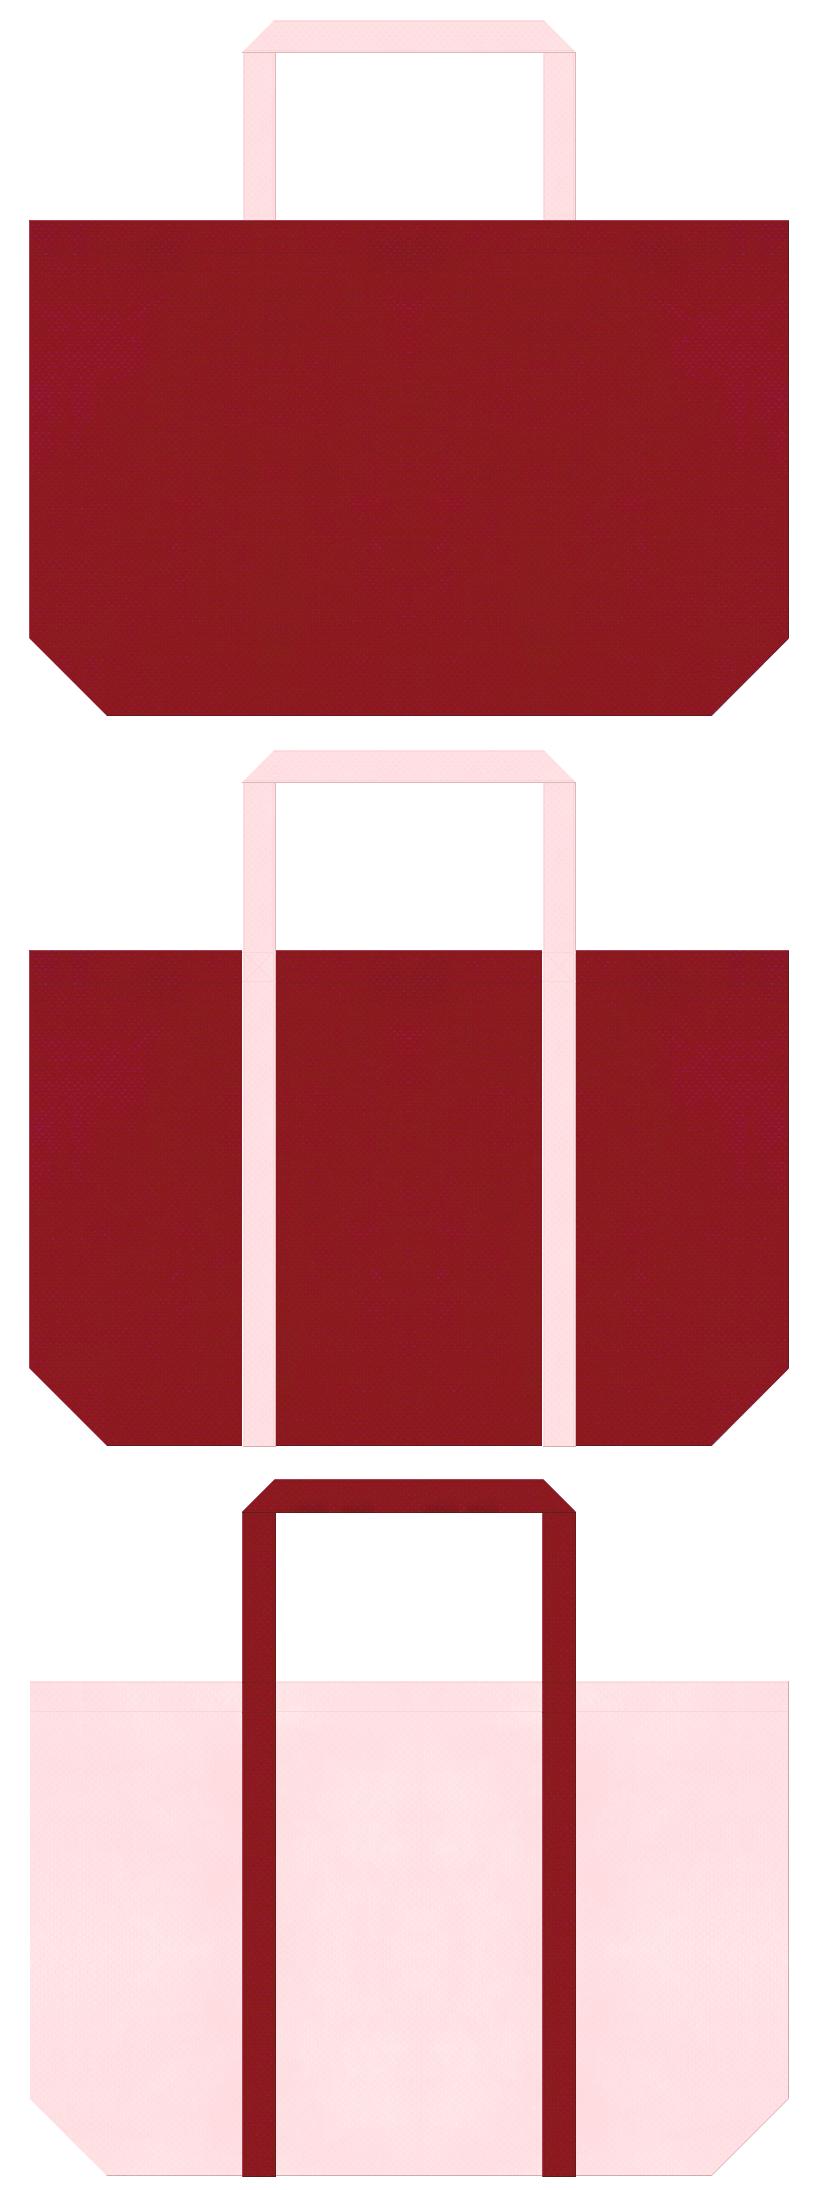 エンジ色と桜色の不織布ショッピングバッグのデザイン。和雑貨のショッピングバッグ・福袋にお奨めの配色です。